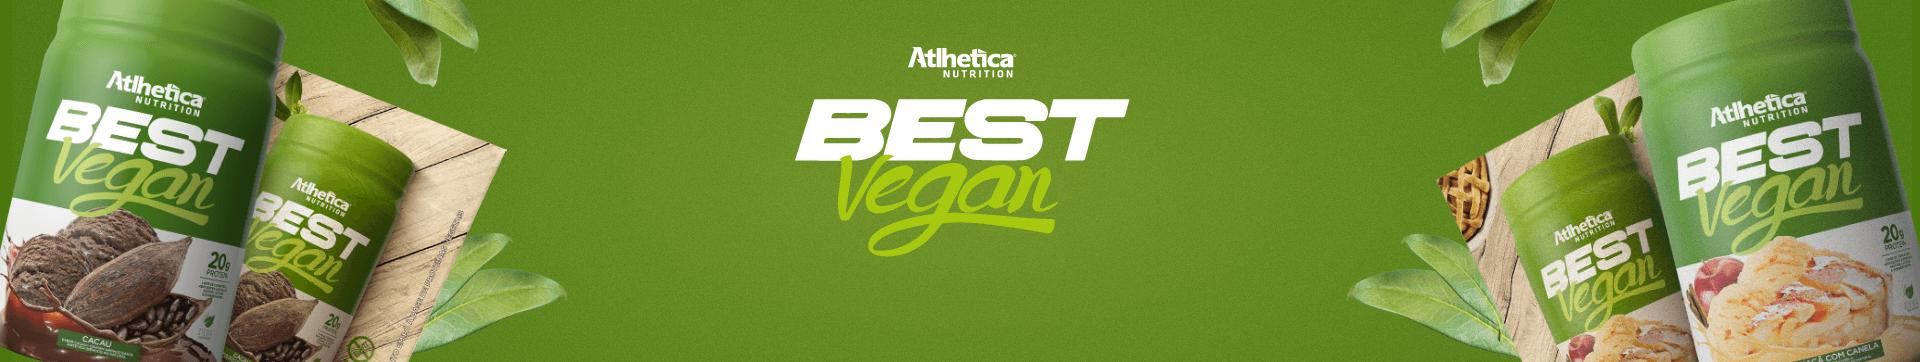 https://images.tcdn.com.br/img/img_prod/735632/1602081138_banner-vegan-vitrine.png